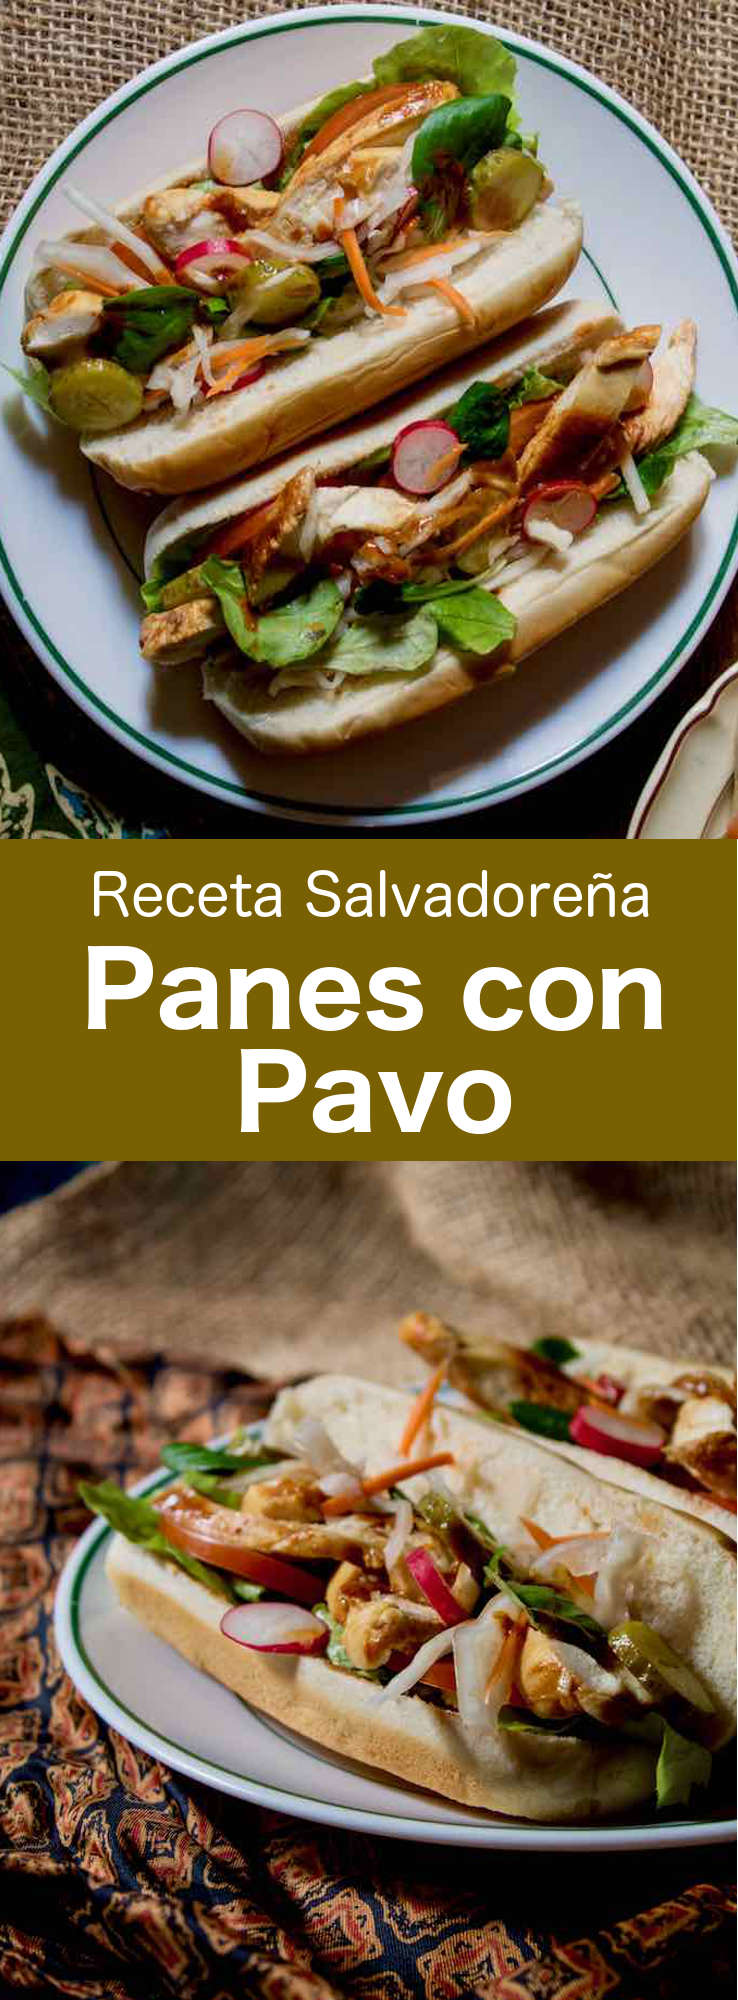 Los panes con pavo son sándwiches salvadoreños tradicionales y populares que se preparan con pavo asado y su salsa, así como también verduras crudas y en escabeche.